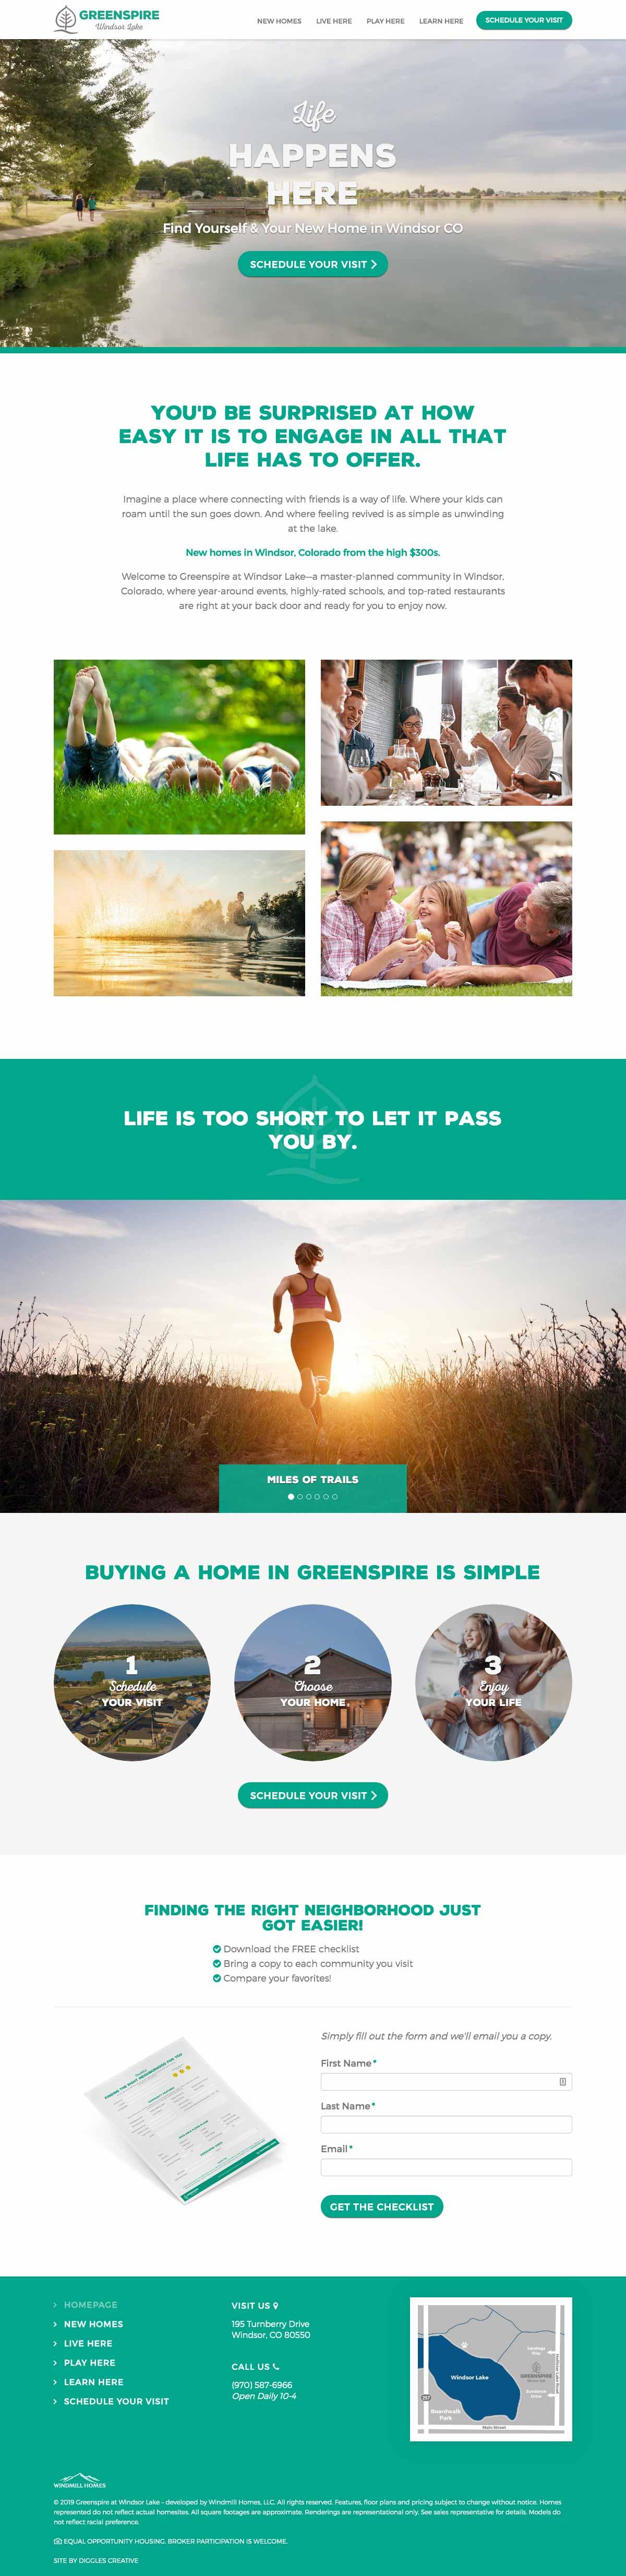 Greenspire at Windsor Lake - Master Planned Community Website Design